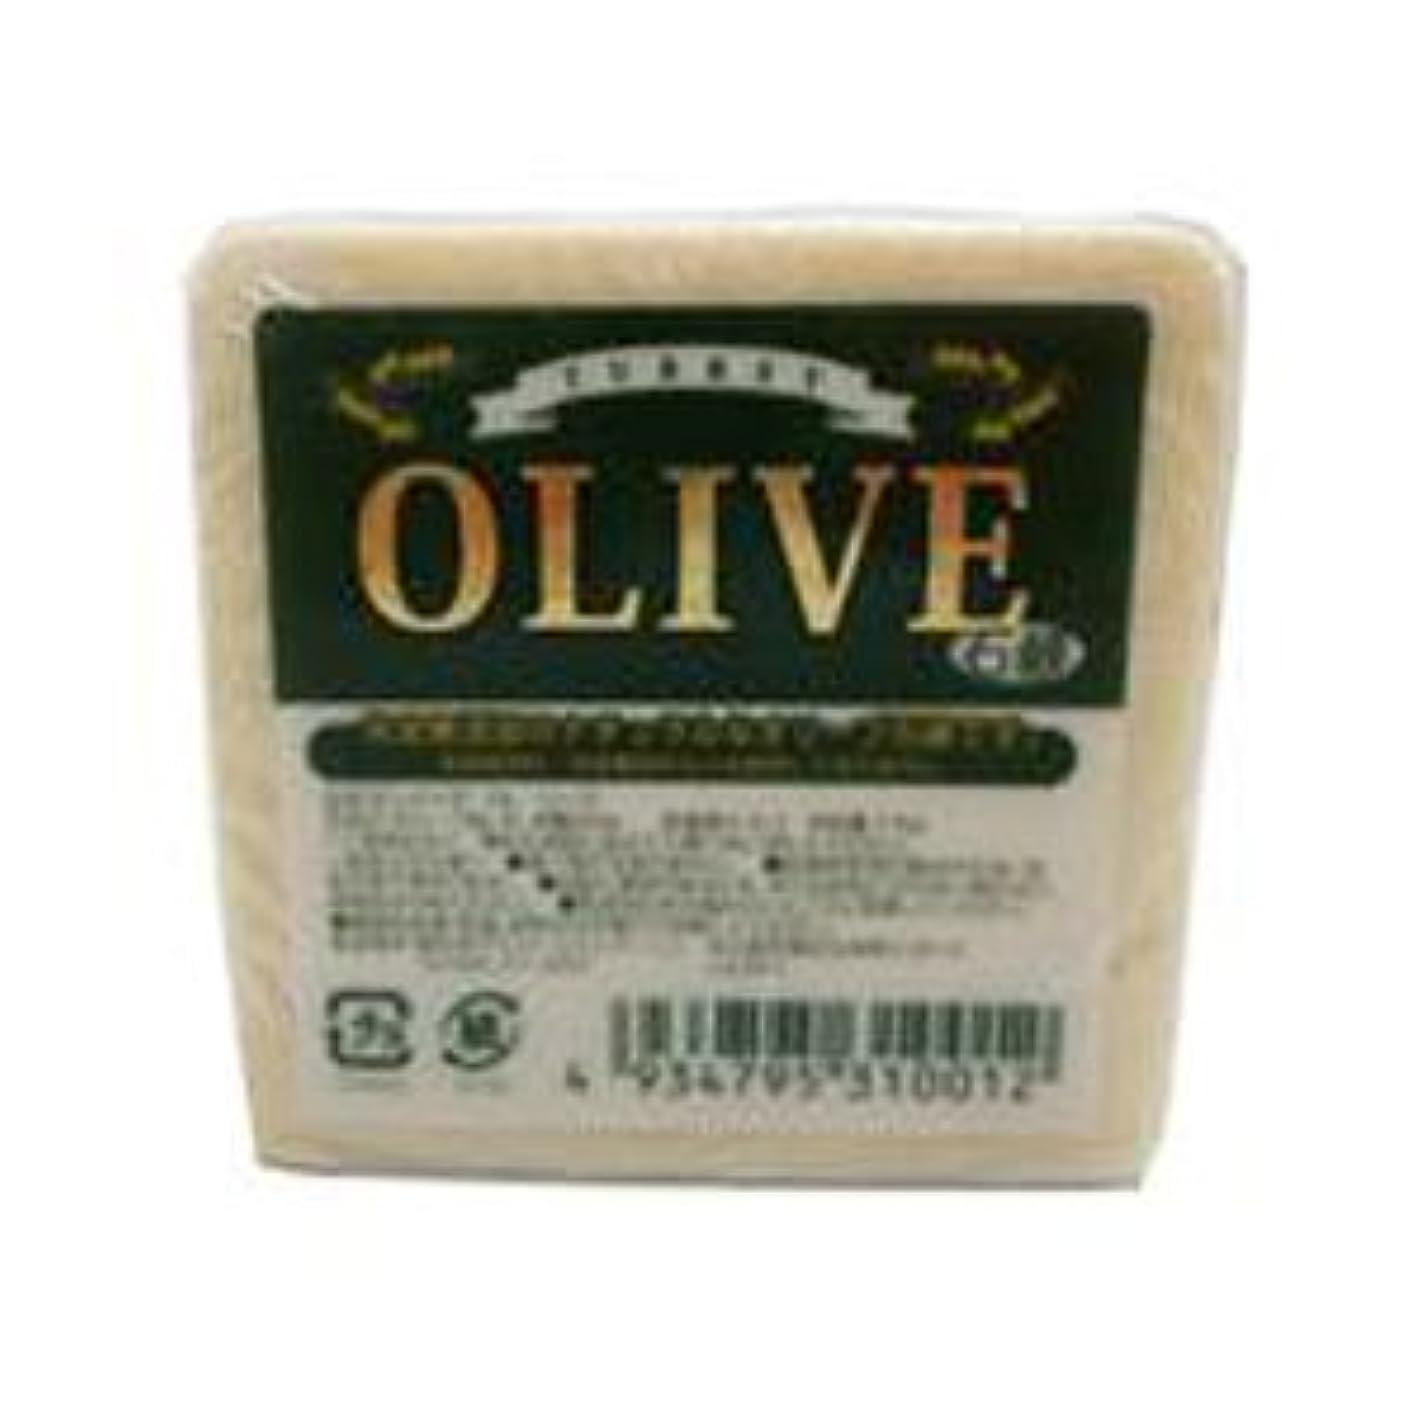 ドラマ失望ハリウッドお得な10個セット トルコ産オリーブを使用した無添加石鹸 ターキーオリーブ石鹸 135g